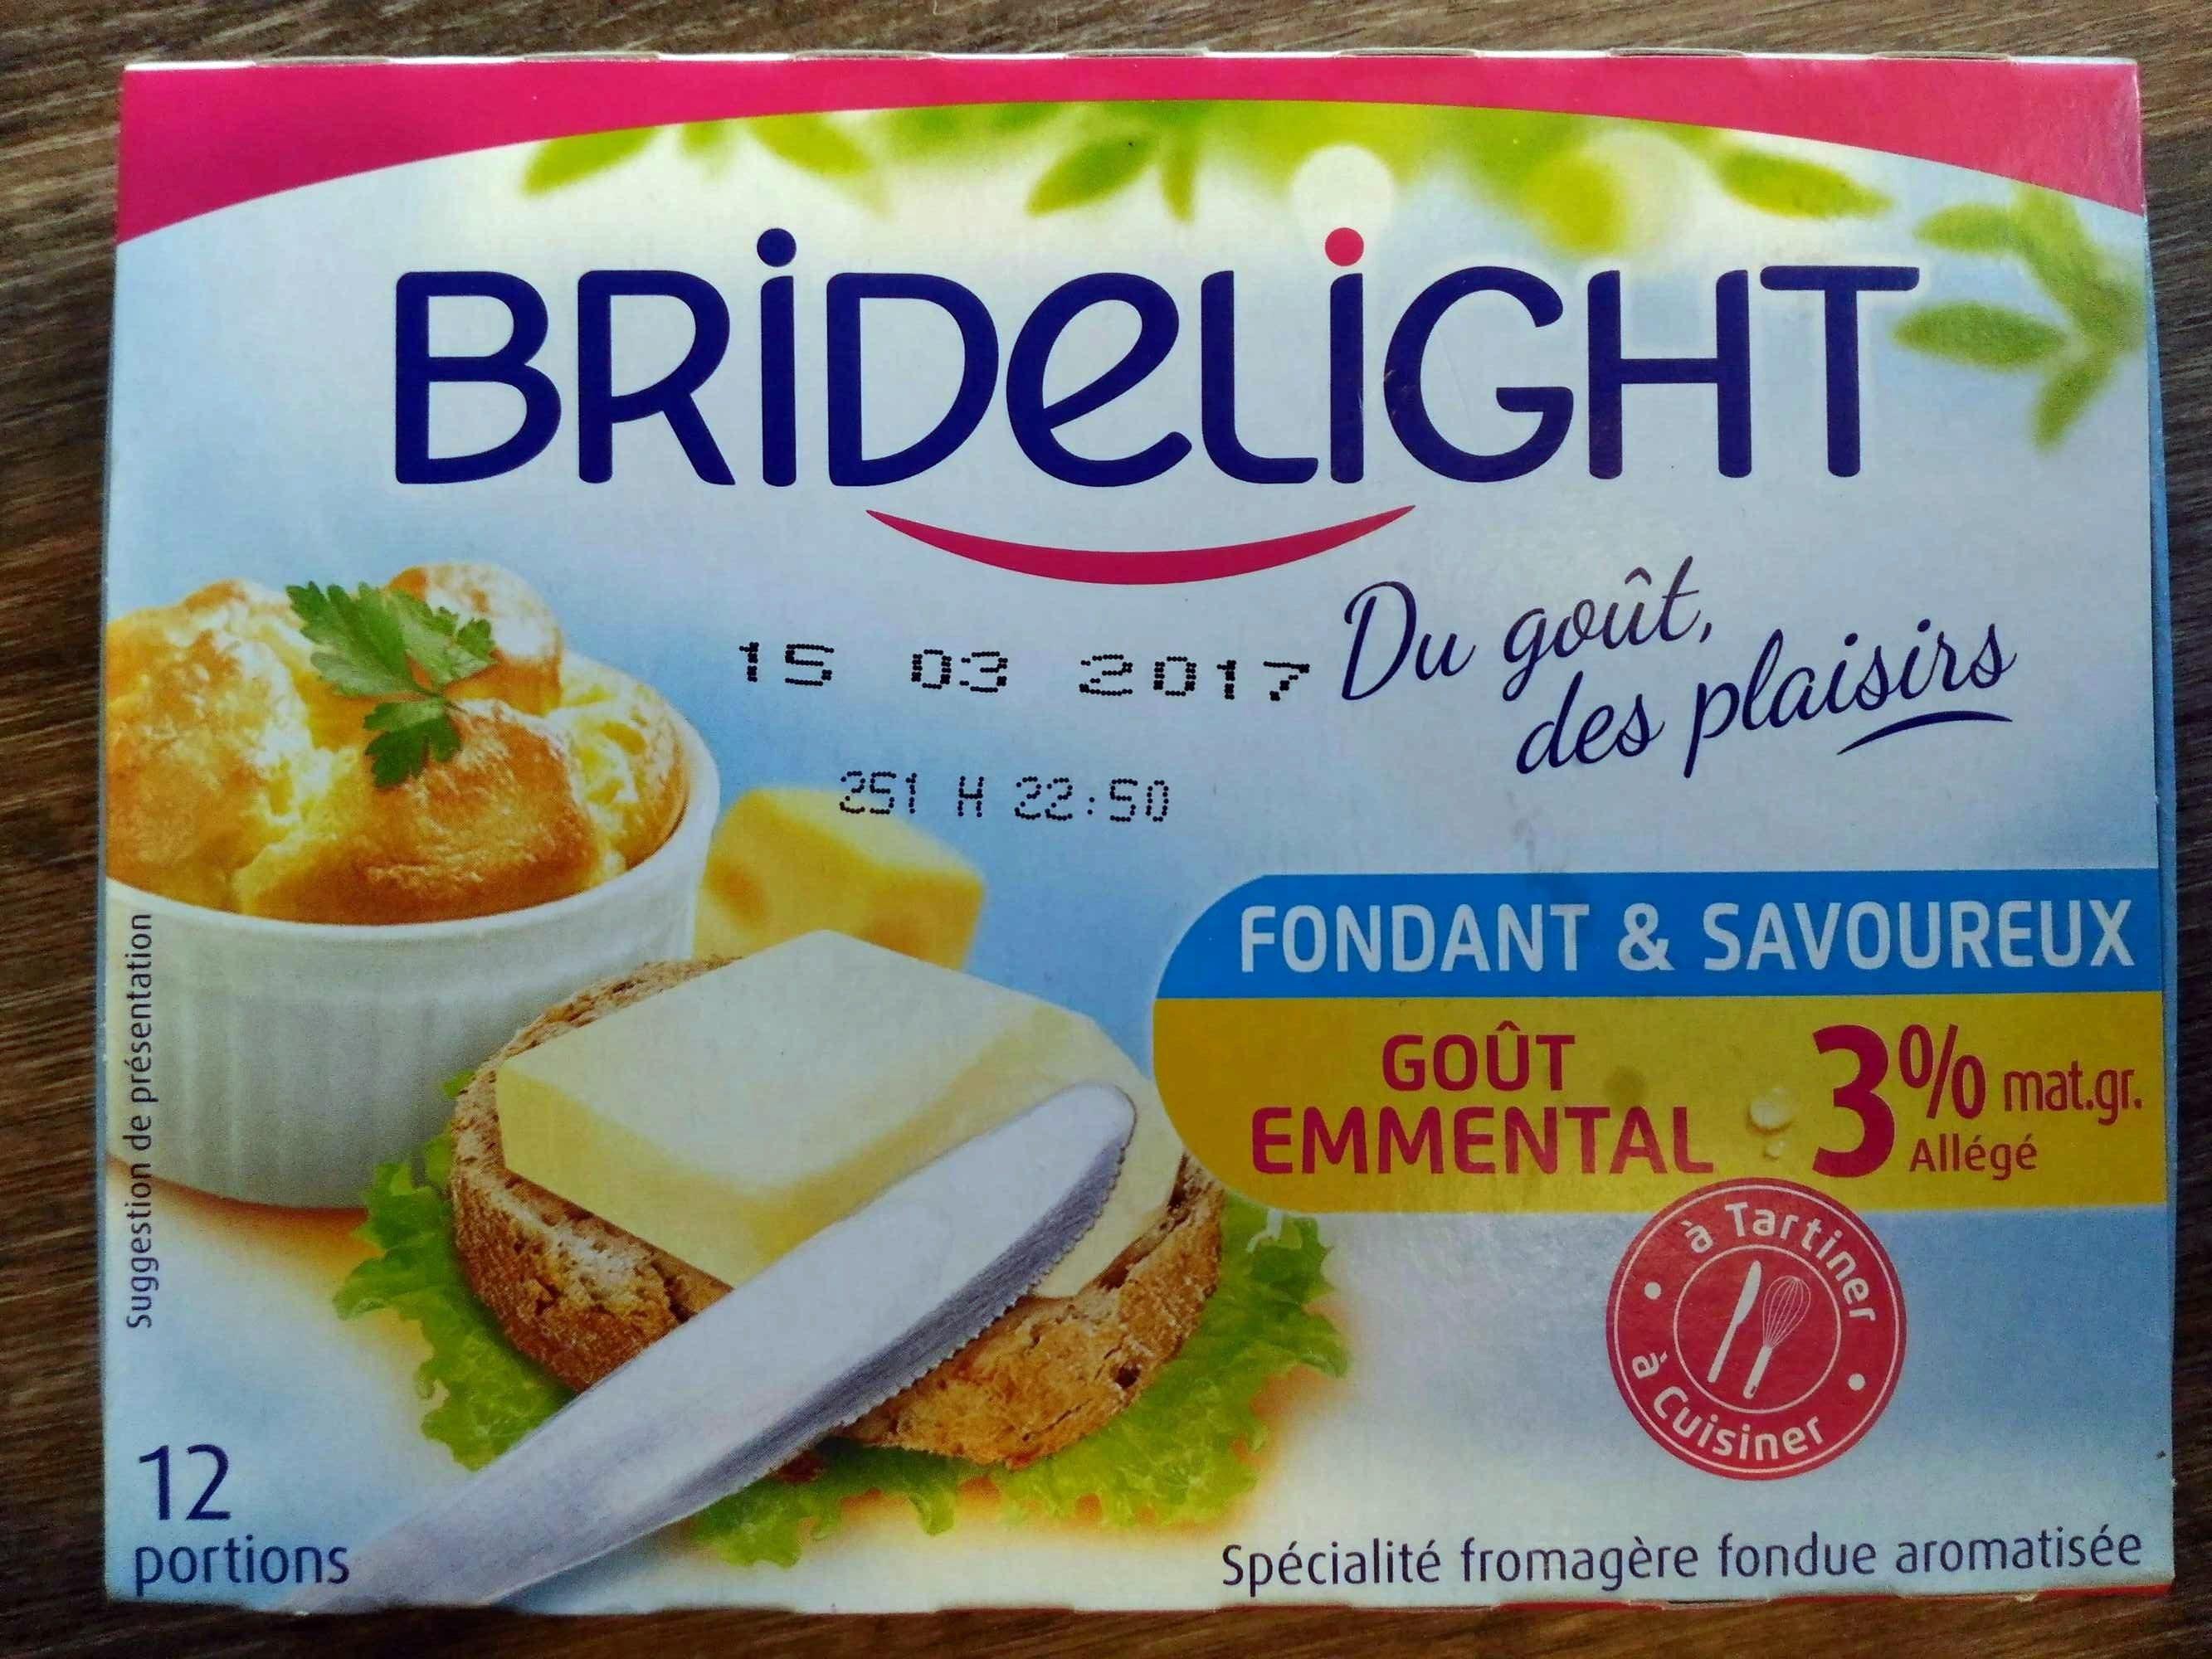 Bridelight 3% Les carrés fondants goût Emmental - Product